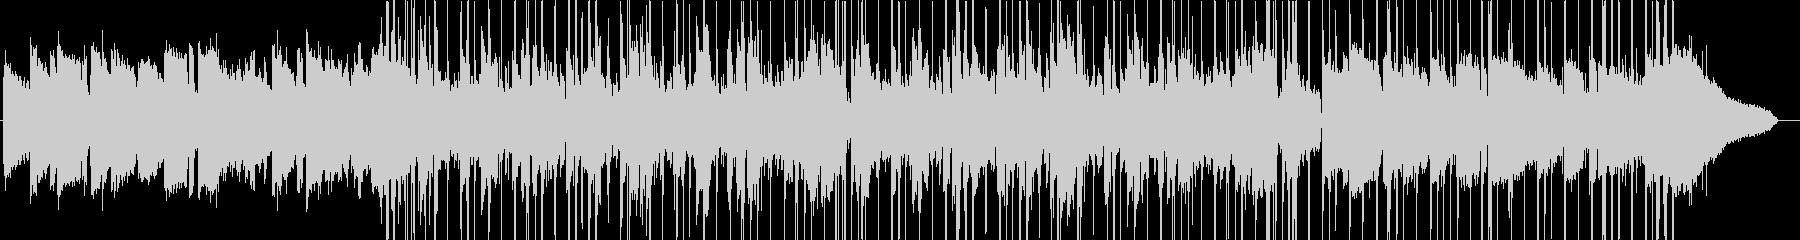 都会的なアシッドジャズ/ヒップホップの未再生の波形